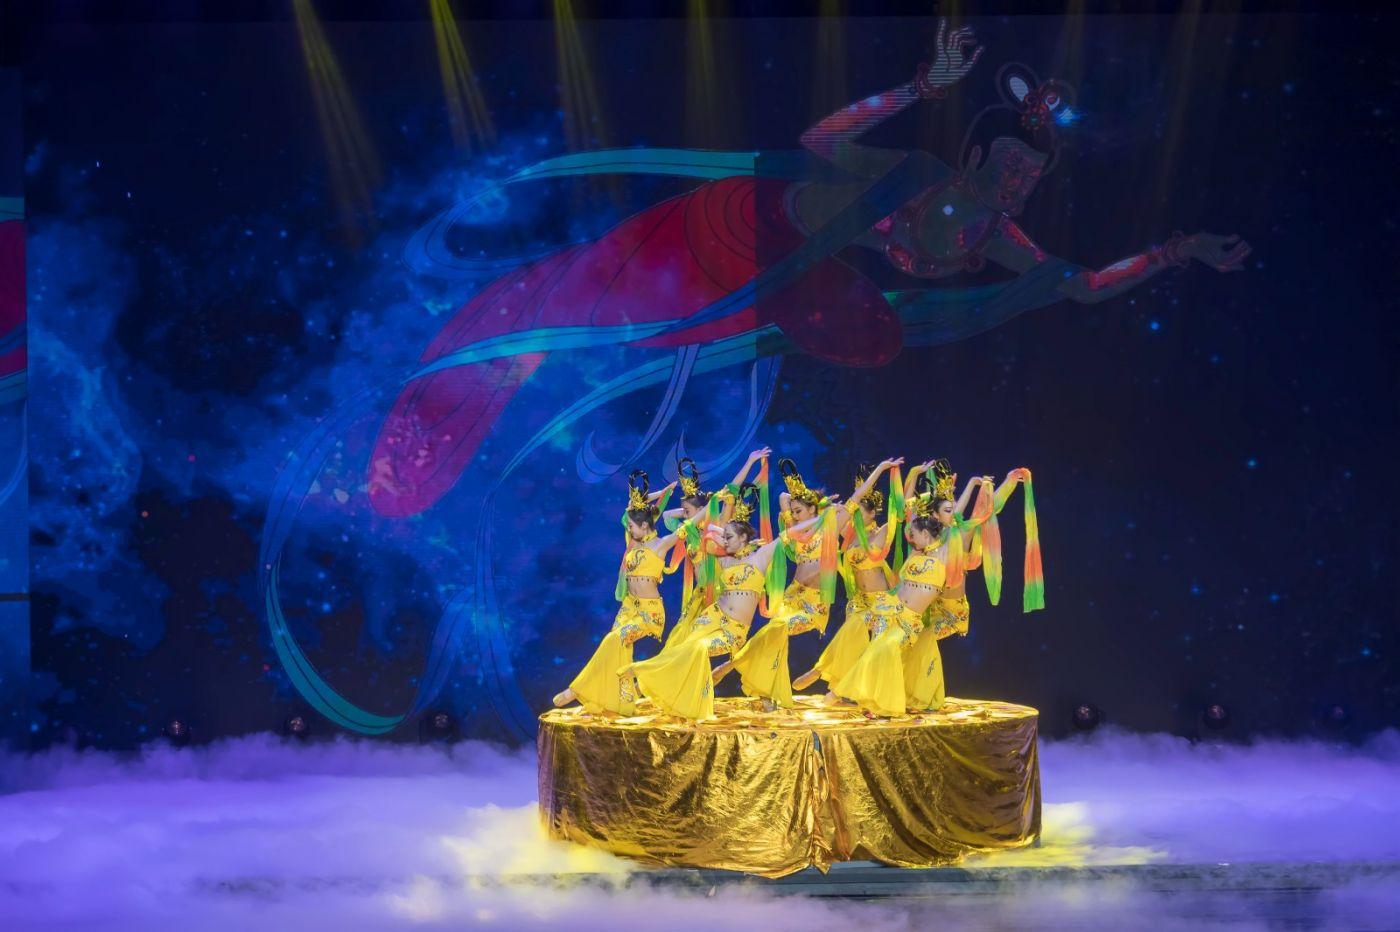 沂蒙大地上 有一种舞蹈叫飞天 这是几位临沂女孩的杰作 美轮美奂 ..._图1-53